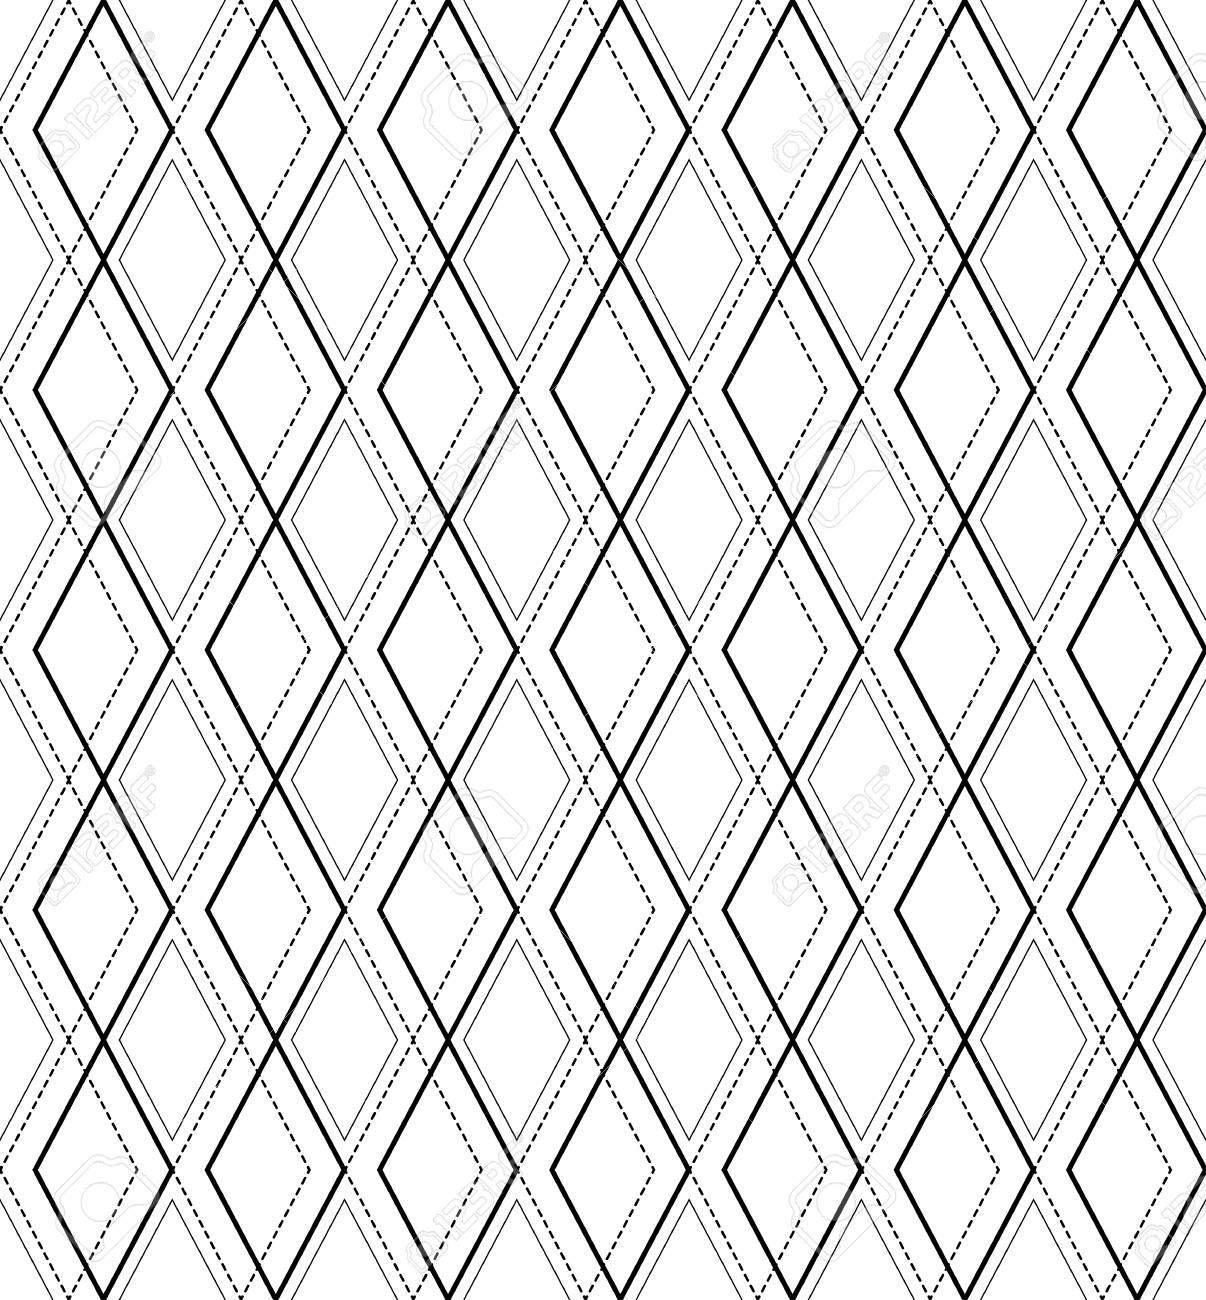 Blanco Y Negro Patrón Geométrico Sin Costura Con Línea Y Diamante ...